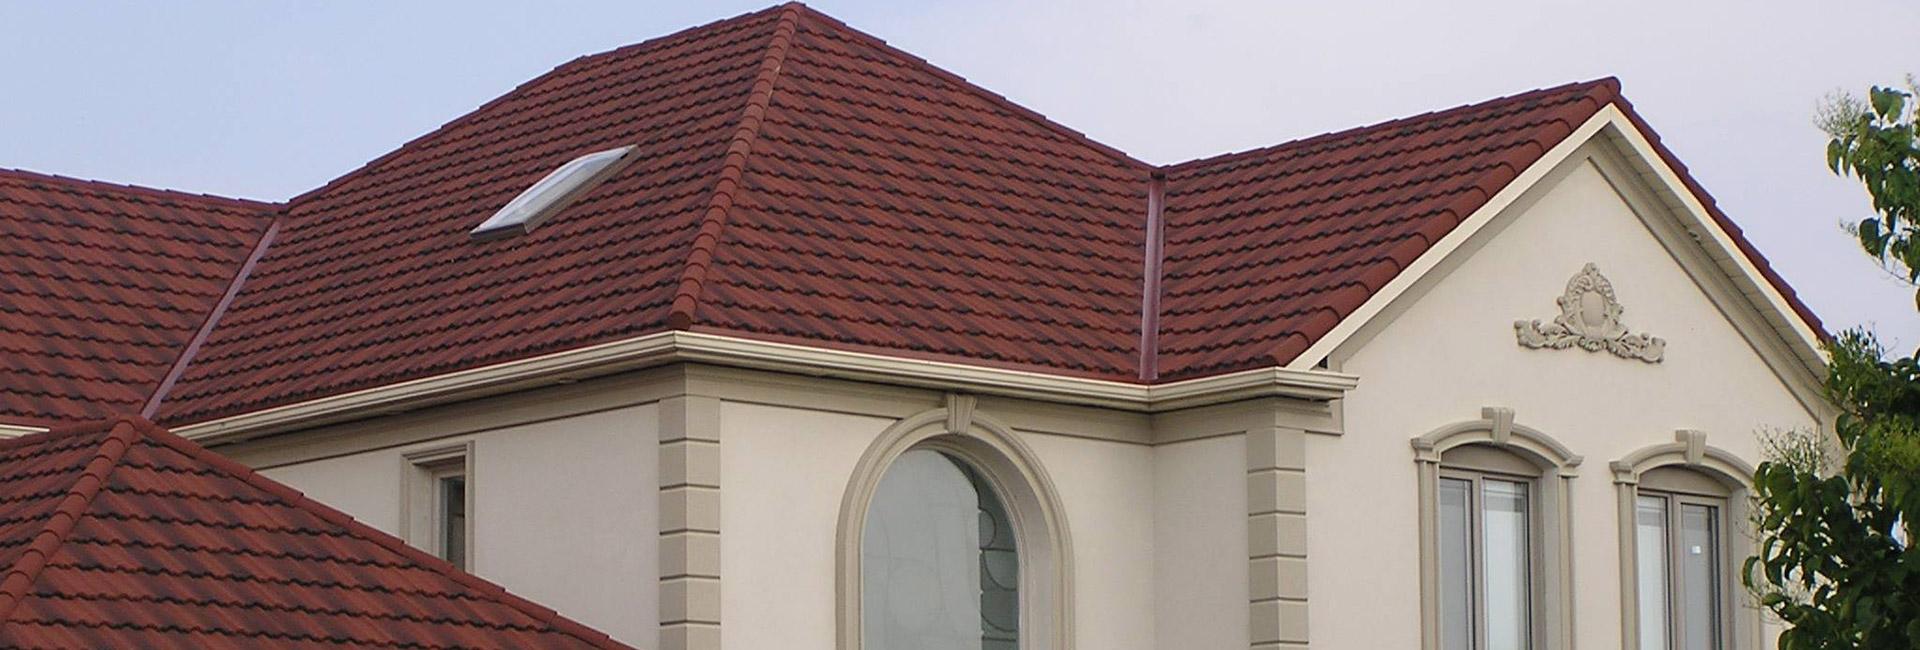 Metal Roofing | Steel Roofing